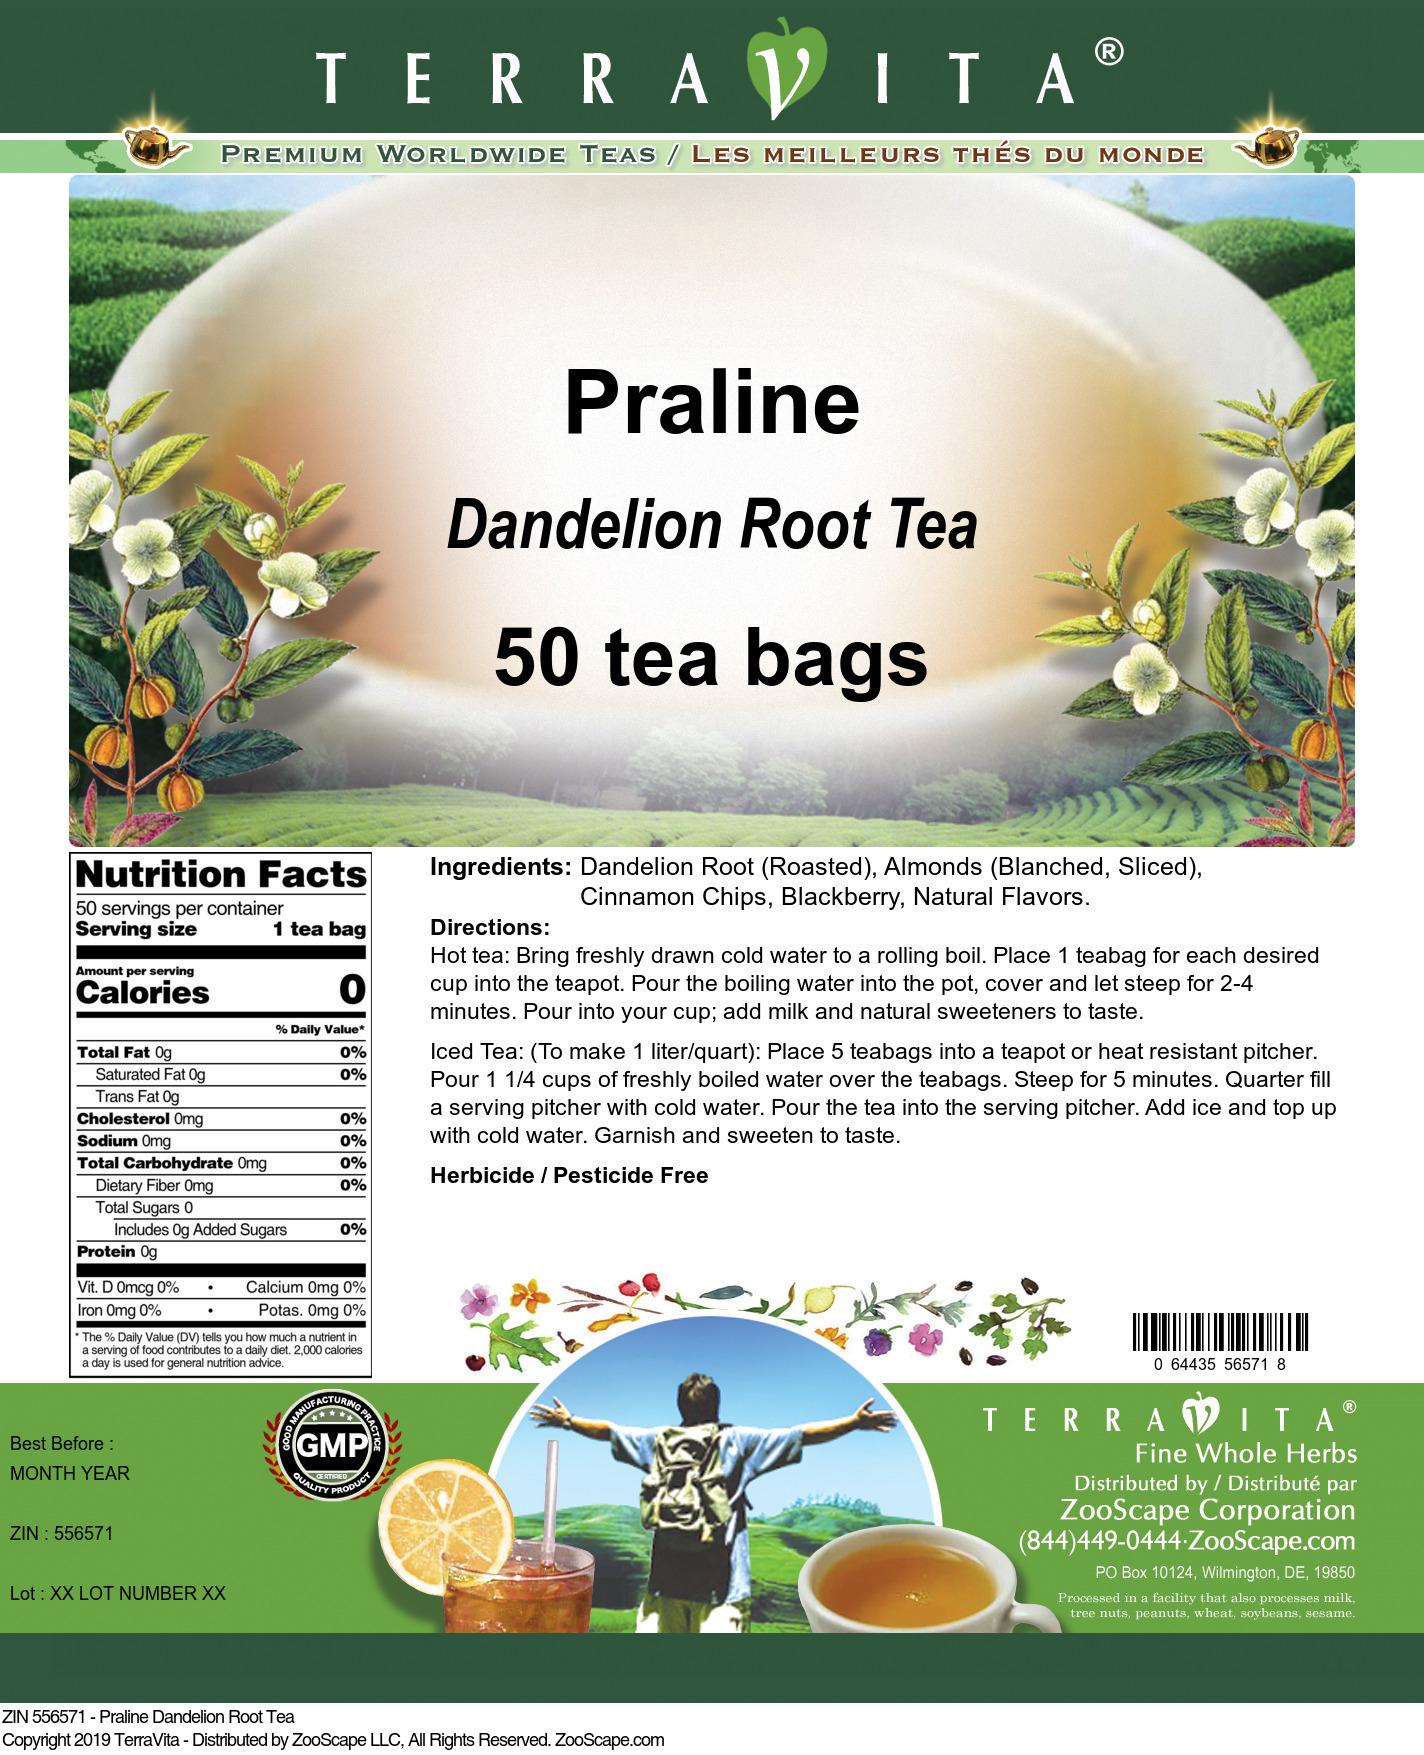 Praline Dandelion Root Tea